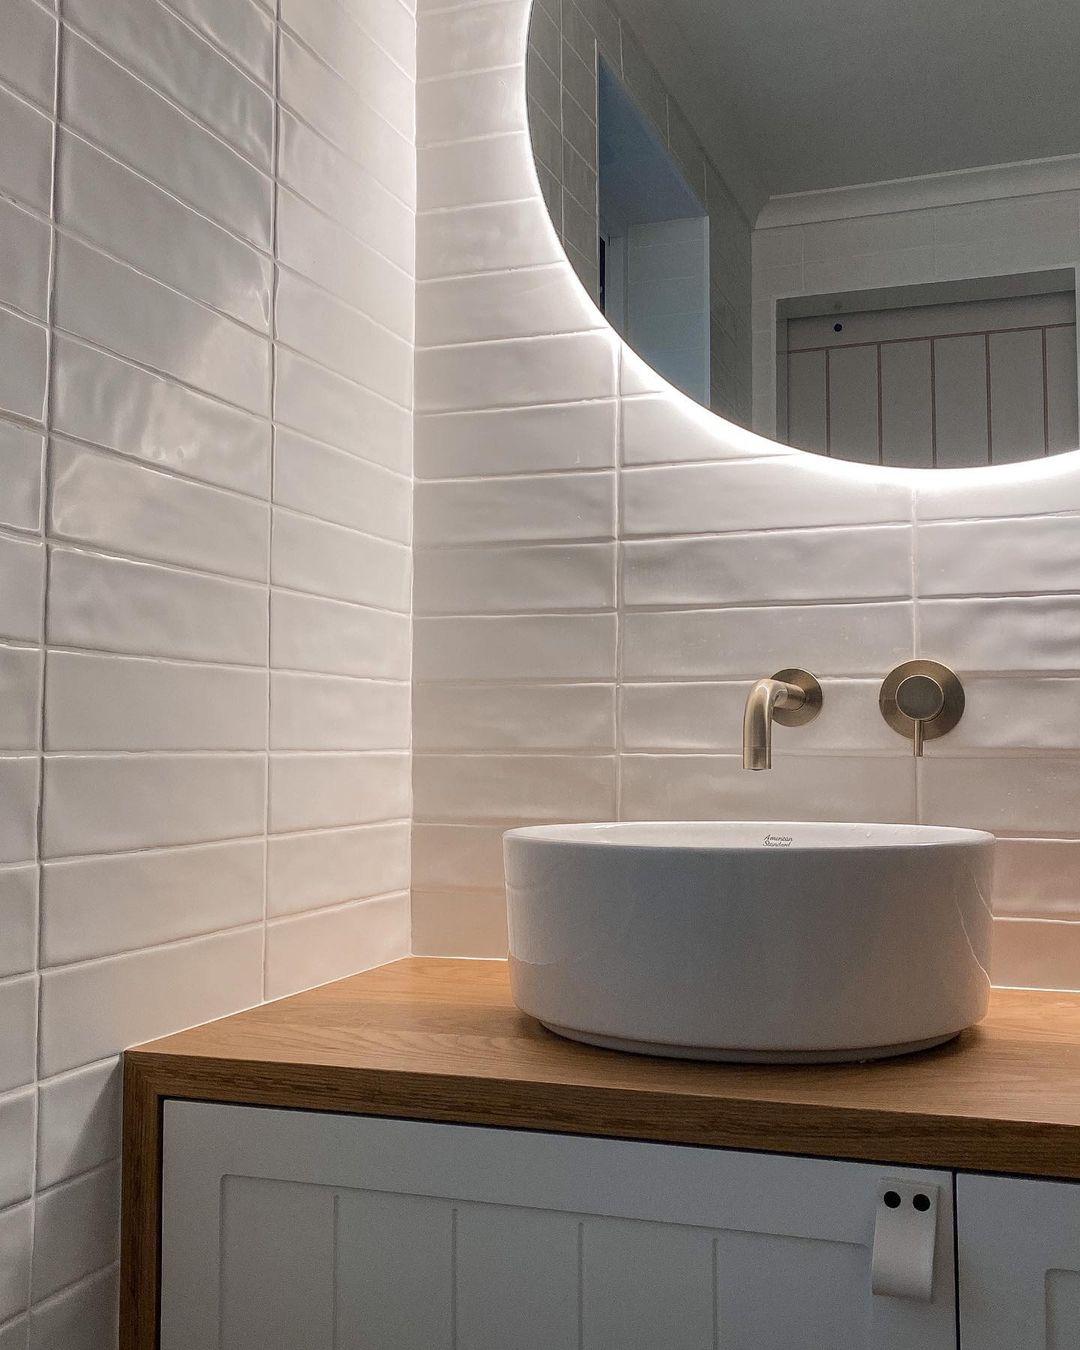 Rear Soft Glow LED Backlit Round Bathroom Mirror Warm/Cool ...